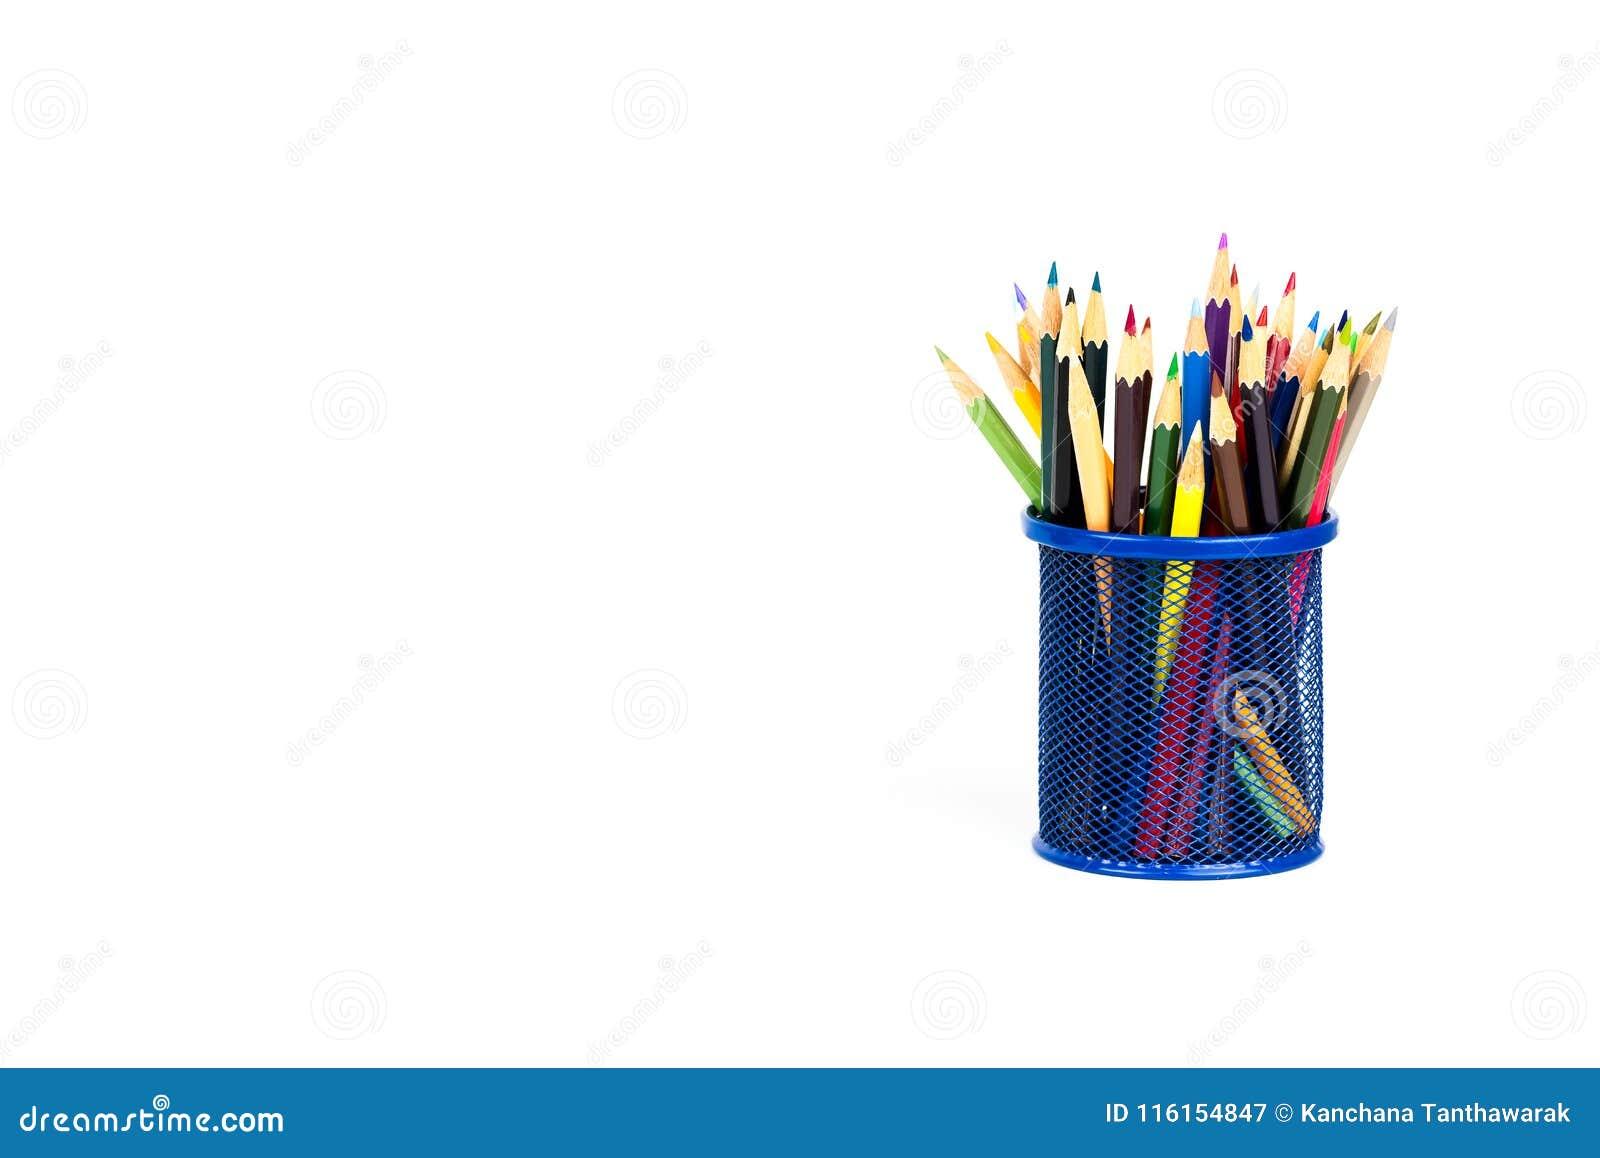 Colora lápis em uma caixa de lápis no fundo branco